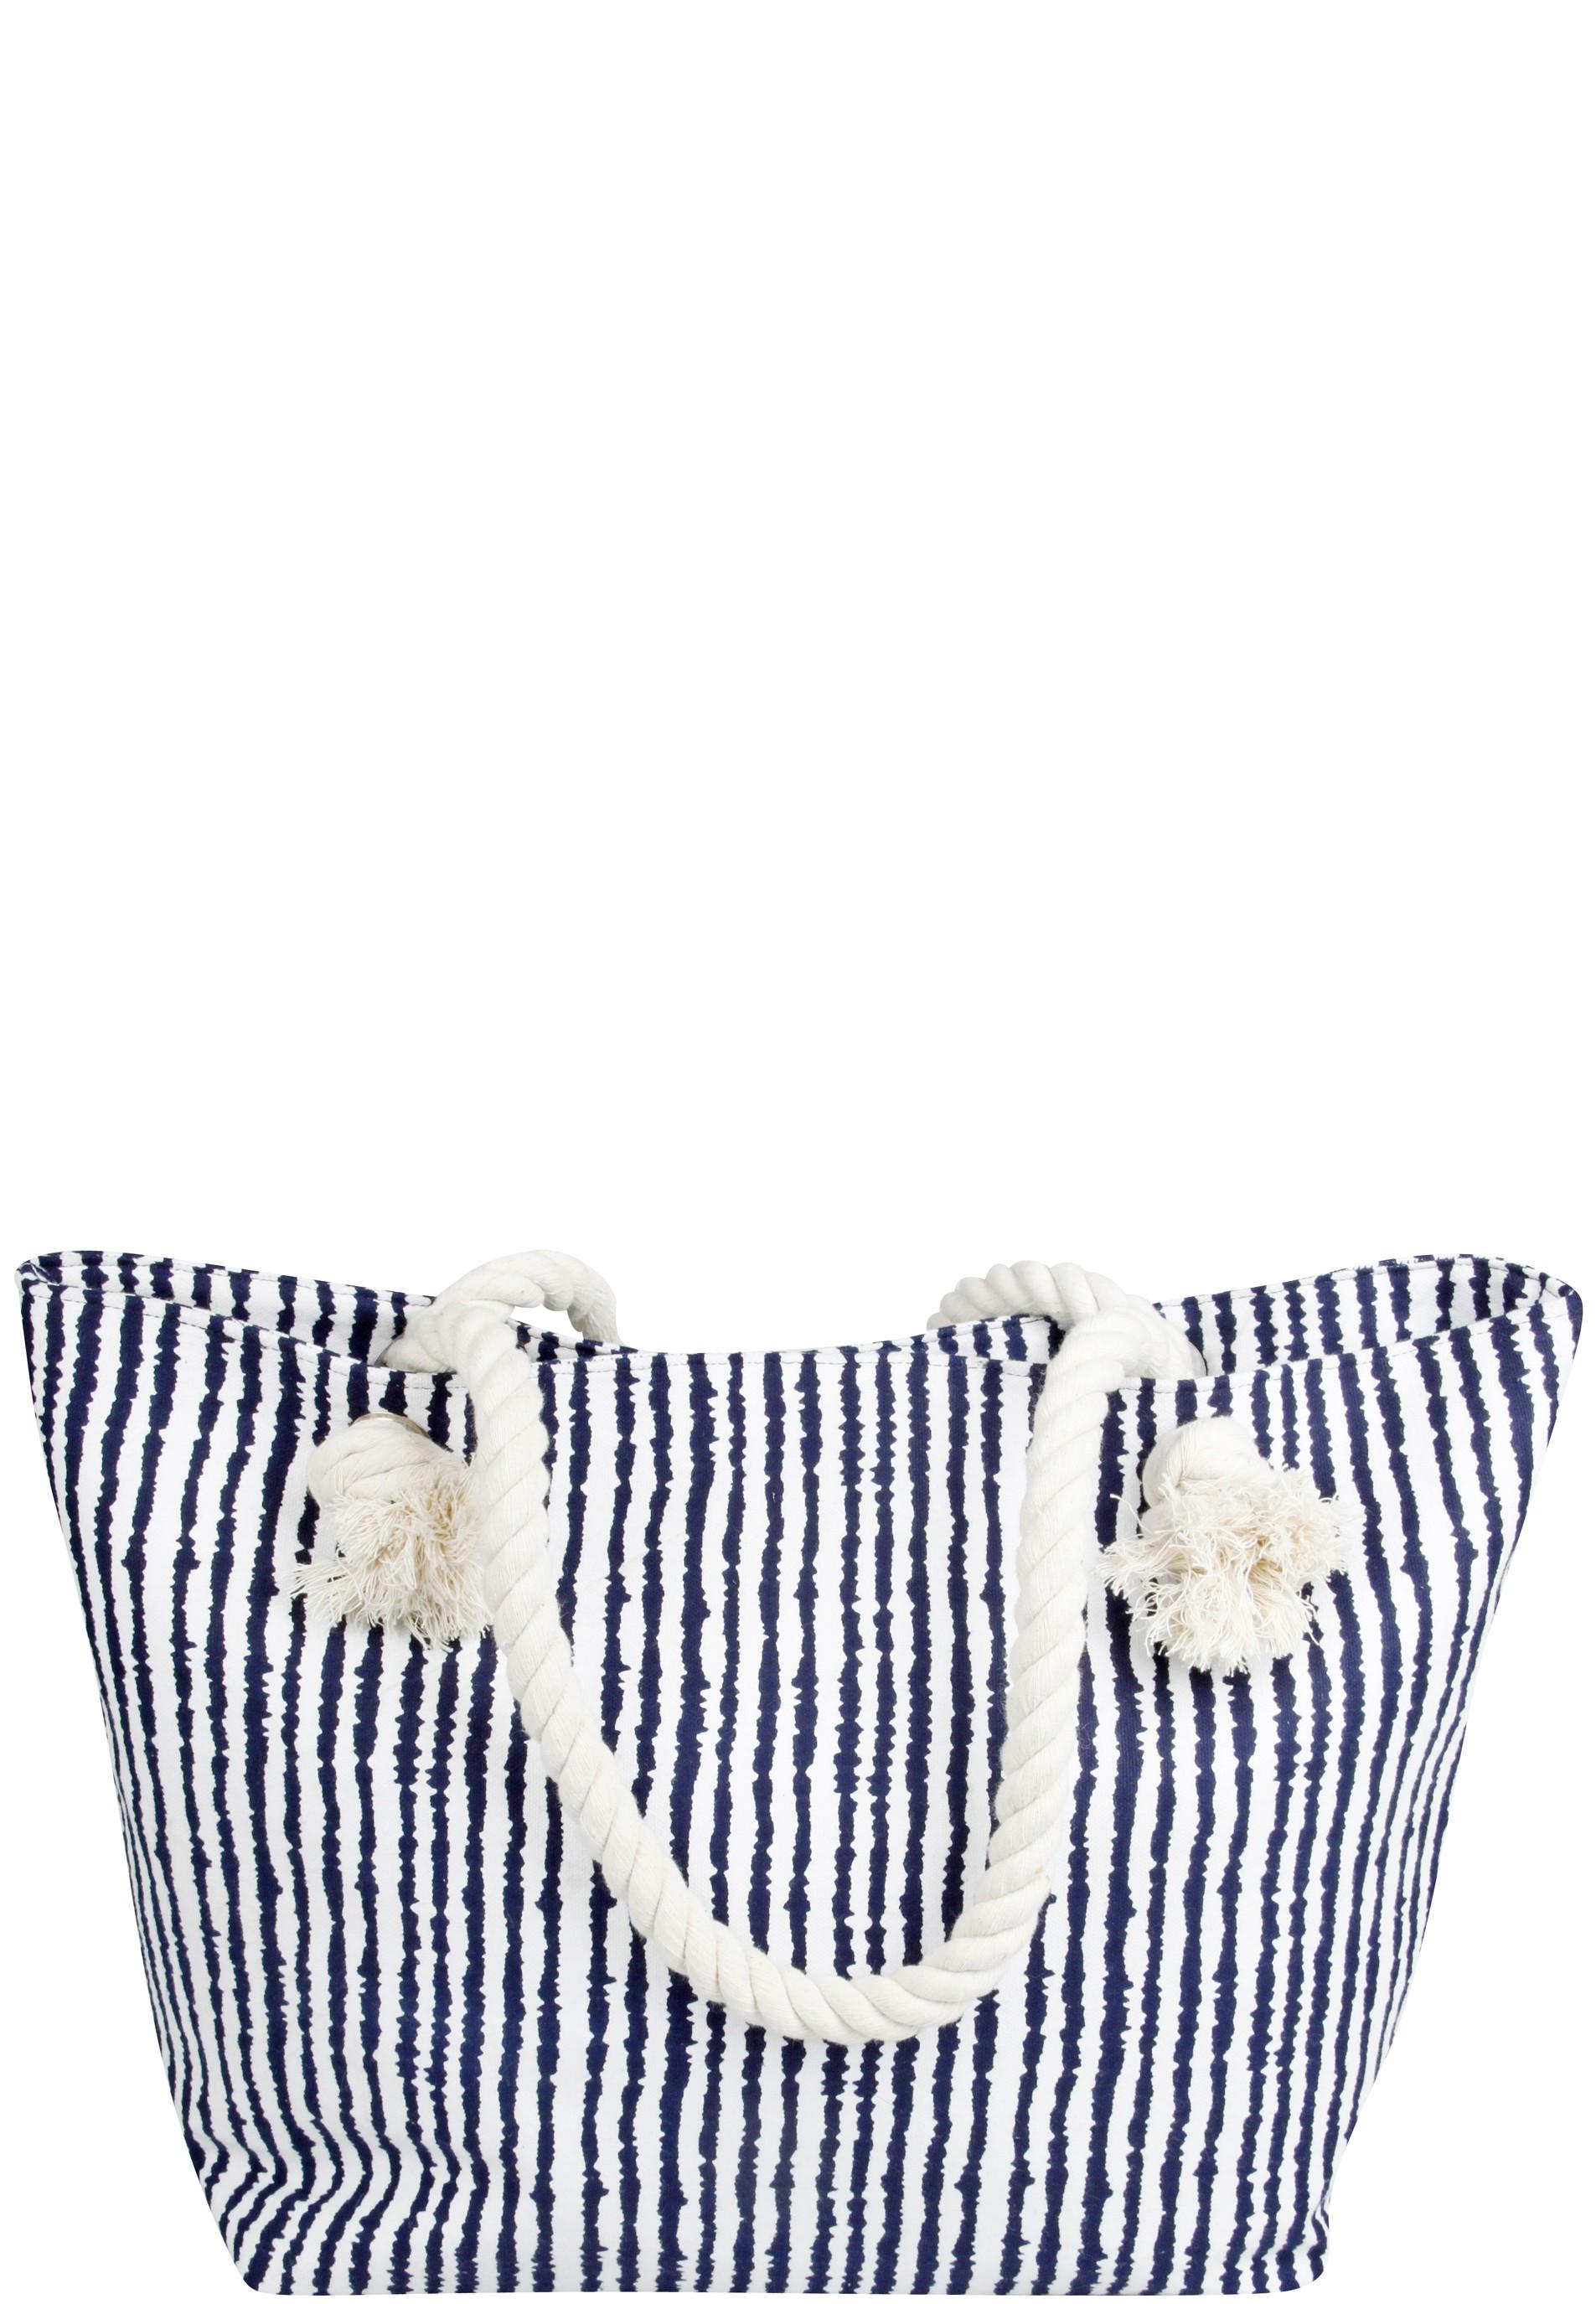 Stylische Strandtasche mit Streifen Muster